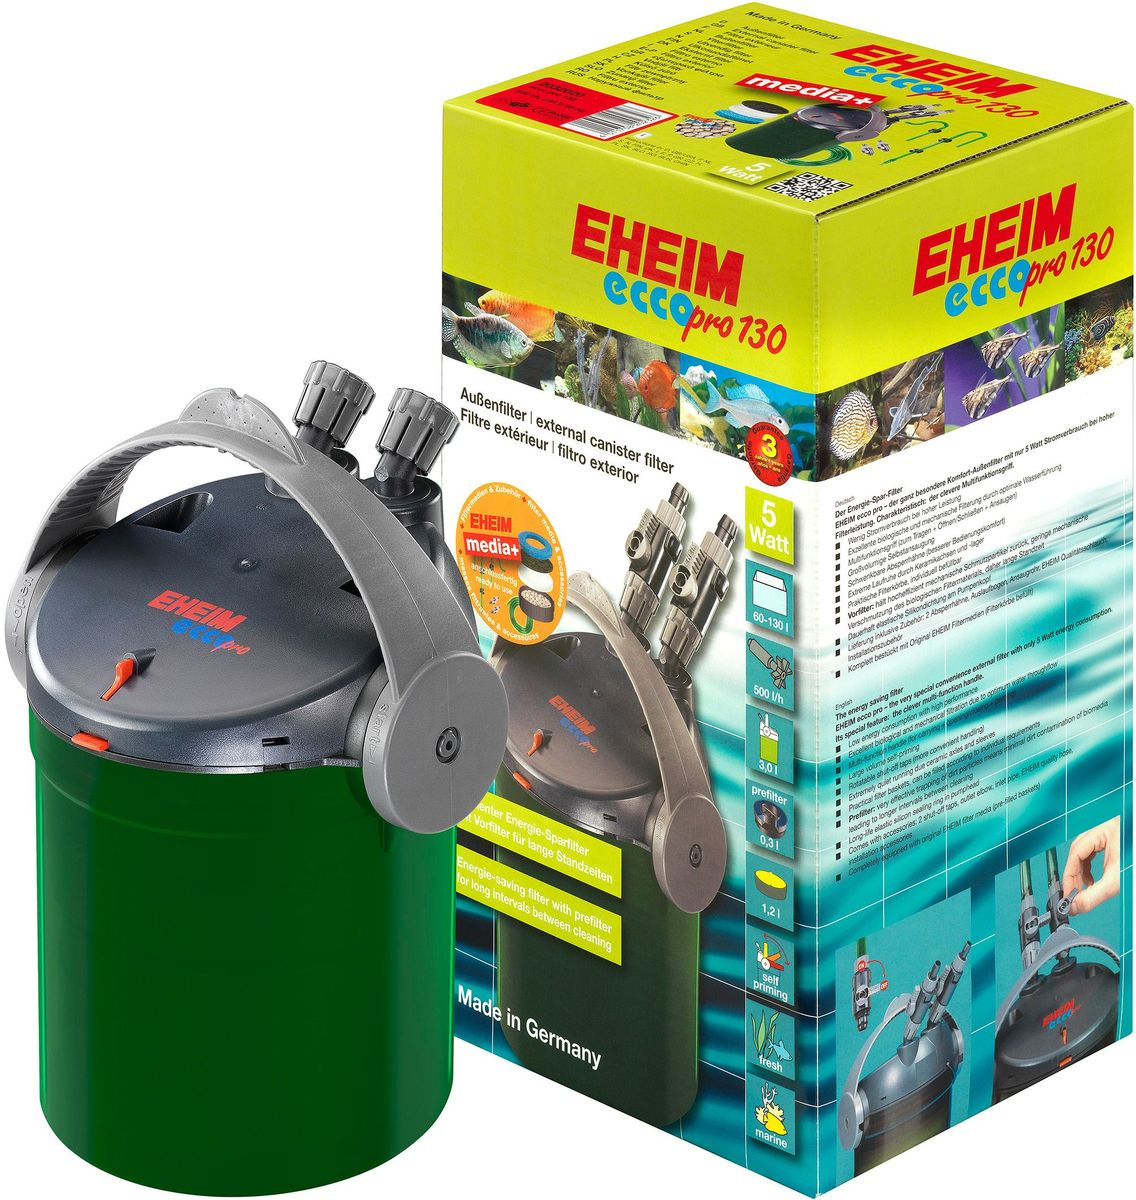 Фильтр внешний Eheim Eccopro 1300120710Инновационные технологии в сочетании с простотой обслуживания и характерным дизайном выгодно отличают новое поколение фильтров Eheim. Практичная ручка для переноса выполняет множество функций: активизация встроенной системы запуска, которая обеспечивает удобную эксплуатацию при установке фильтра и после очистки; а также легкое открытие или надежное запирание фильтра. Фильтр укомплектован фильтрующими материалами и готов к эксплуатации. Благодаря практичным кассетам для фильтрующего материала, надежным штуцерам шлангов и запорным кранам фильтр прост в обслуживании. Сбалансированное соотношение мощности насоса и объема обеспечивает надежную долговременную фильтрацию при постоянной циркуляции воды, а также обогащает воду кислородом. Использованиеданного фильтра гарантирует высокое качество фильтрации воды. Преимущества Eheim Eccopro 130:- Низкое энергопотребление с высокой производительностью.- Отличная биологическая и механическая фильтрация благодаря оптимальному пропусканию воды.- Большой самовсасывающий объем.- Поворотные запорные краны (более удобное обращение).- Чрезвычайно тихий ход благодаря керамическим мостам и гильзам.- Практичные корзины для фильтров, могут быть заполнены в соответствии с индивидуальными требованиями. - Дополнительный предварительный фильтр (дающий более длительные интервалы очистки другого фильтрующего материала).- Долговечное эластичное силиконовое уплотнительное кольцо в головке насоса. Полностью оснащенный оригинальным фильтрующим материалом Eheim (предварительно заполненные корзины).Прилагаемые запорные краны можно поворачивать. Таким образом, вы можете сделать их более доступными. Поток воды регулируется выходным краном. Канистры фильтра оснащены практичными фильтрами. Их можно легко удалить и заполнить в соответствии с индивидуальными требованиями. Также в комплект входят: 2 запорных крана, выпускной локоть, входная труба, шланги, монтажные принадлежности.Для аквариумов: 60-130 л.Мощность насоса